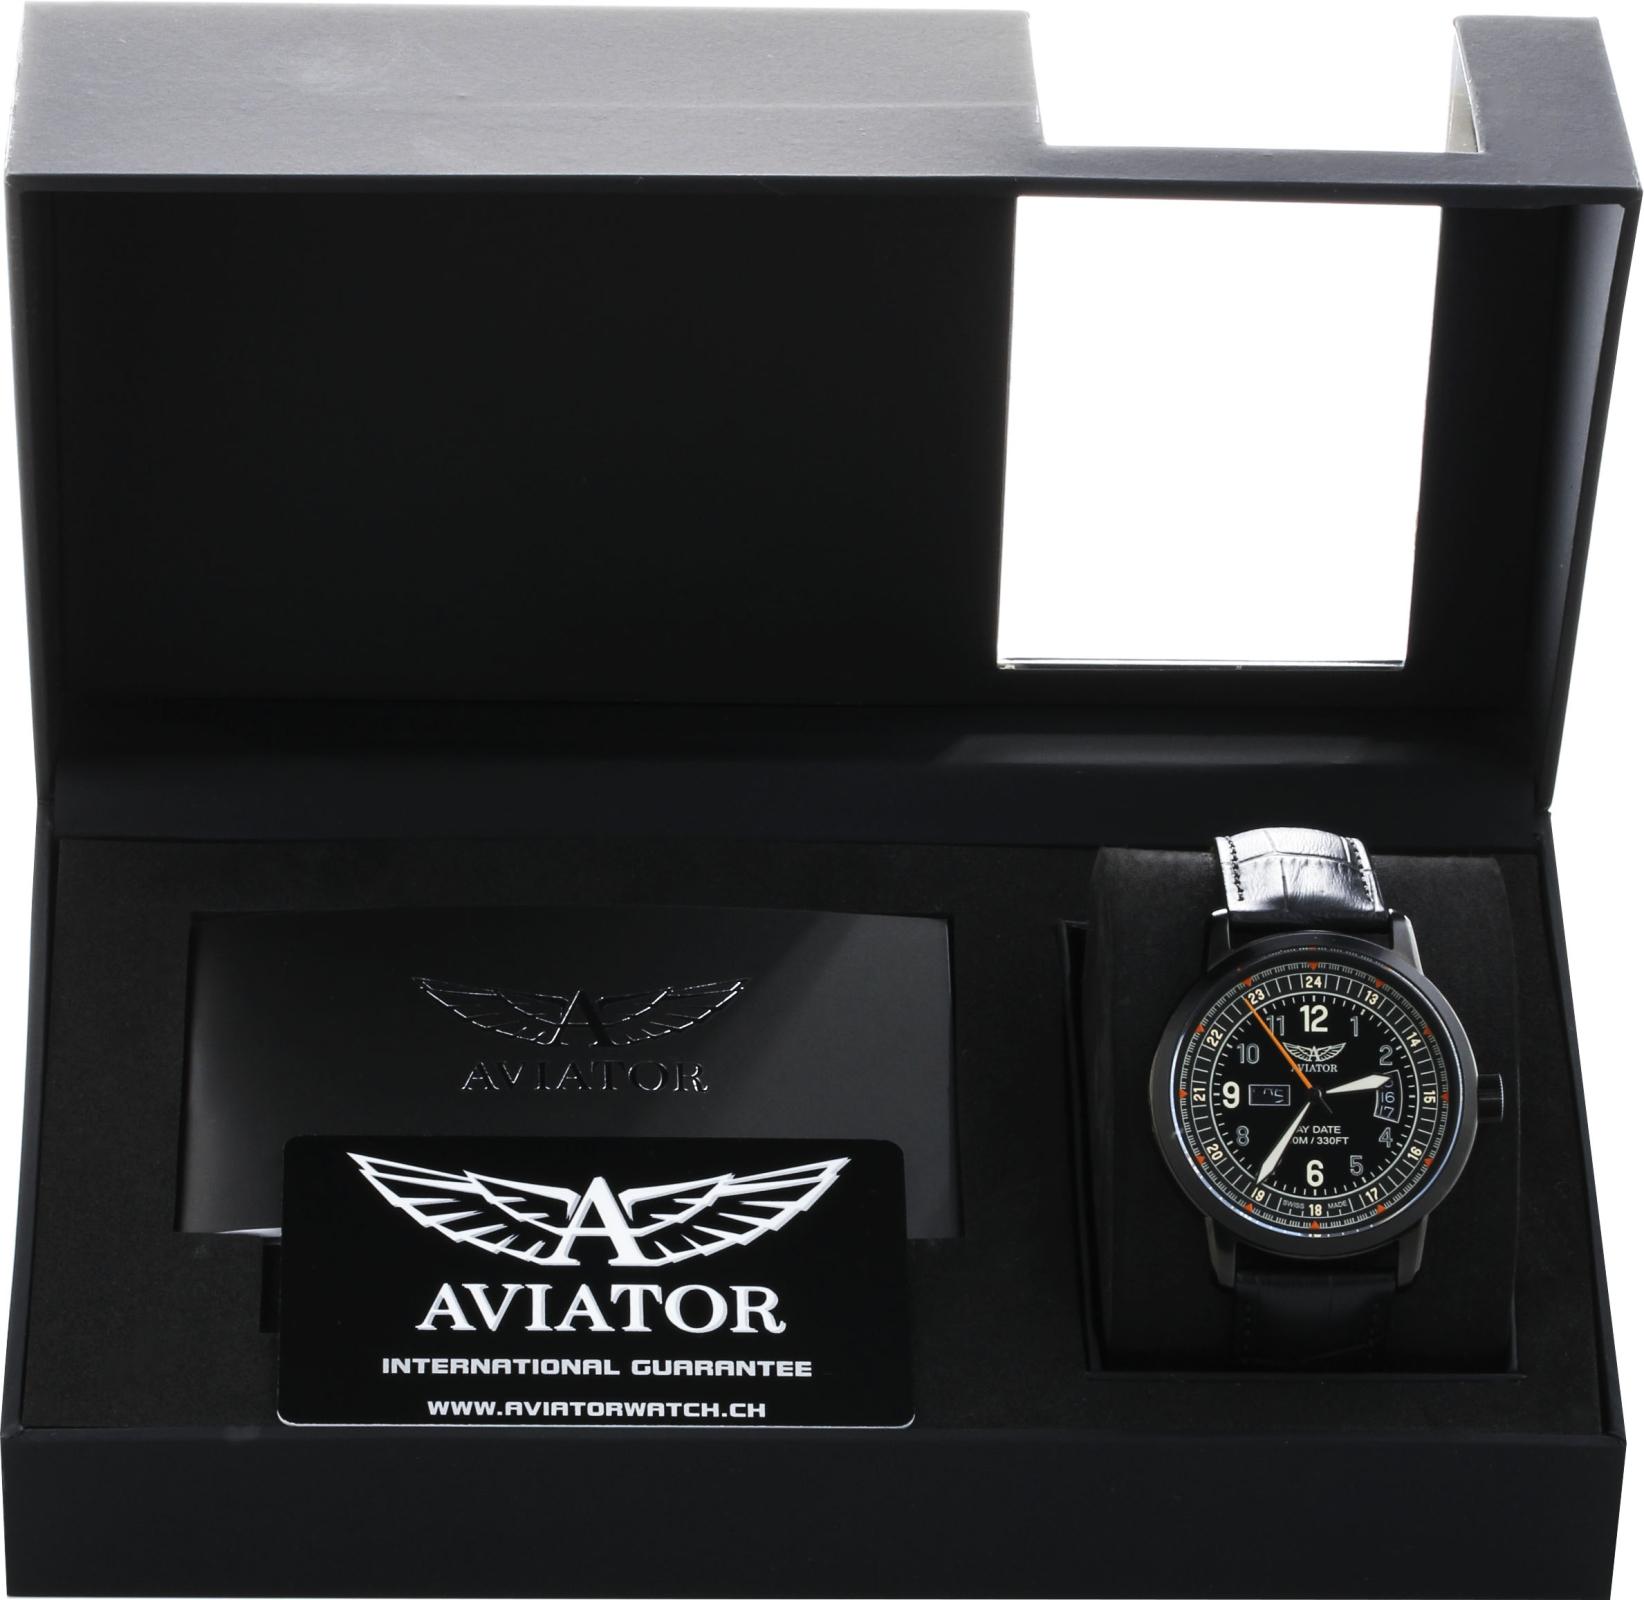 Aviator Kingcobra V.1.17.5.106.4Наручные часы<br>Швейцарские часы Aviator Kingcobra V.1.17.5.106.4<br><br>Пол: Мужские<br>Страна-производитель: Швейцария<br>Механизм: Кварцевый<br>Материал корпуса: Сталь<br>Материал ремня/браслета: Кожа<br>Водозащита, диапазон: 100 - 150 м<br>Стекло: Сапфировое<br>Толщина корпуса: 12 мм<br>Стиль: Классика